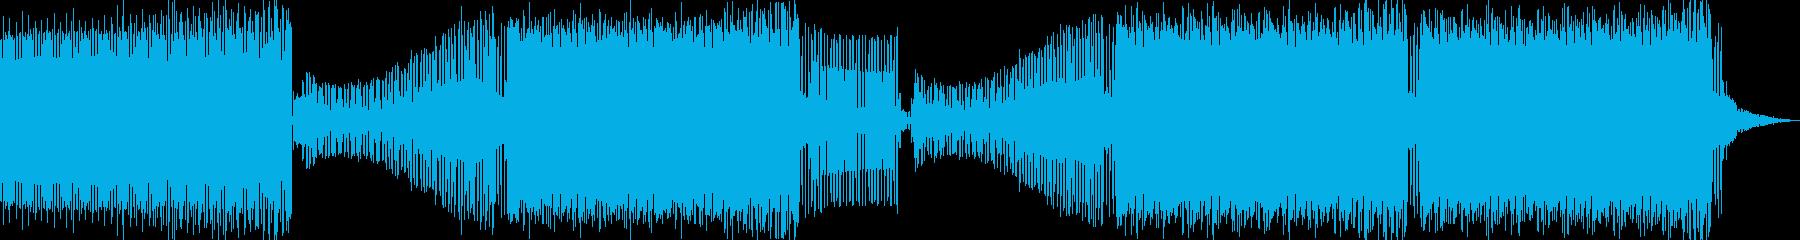 コマーシャルハウス。サンプルボーカル。の再生済みの波形